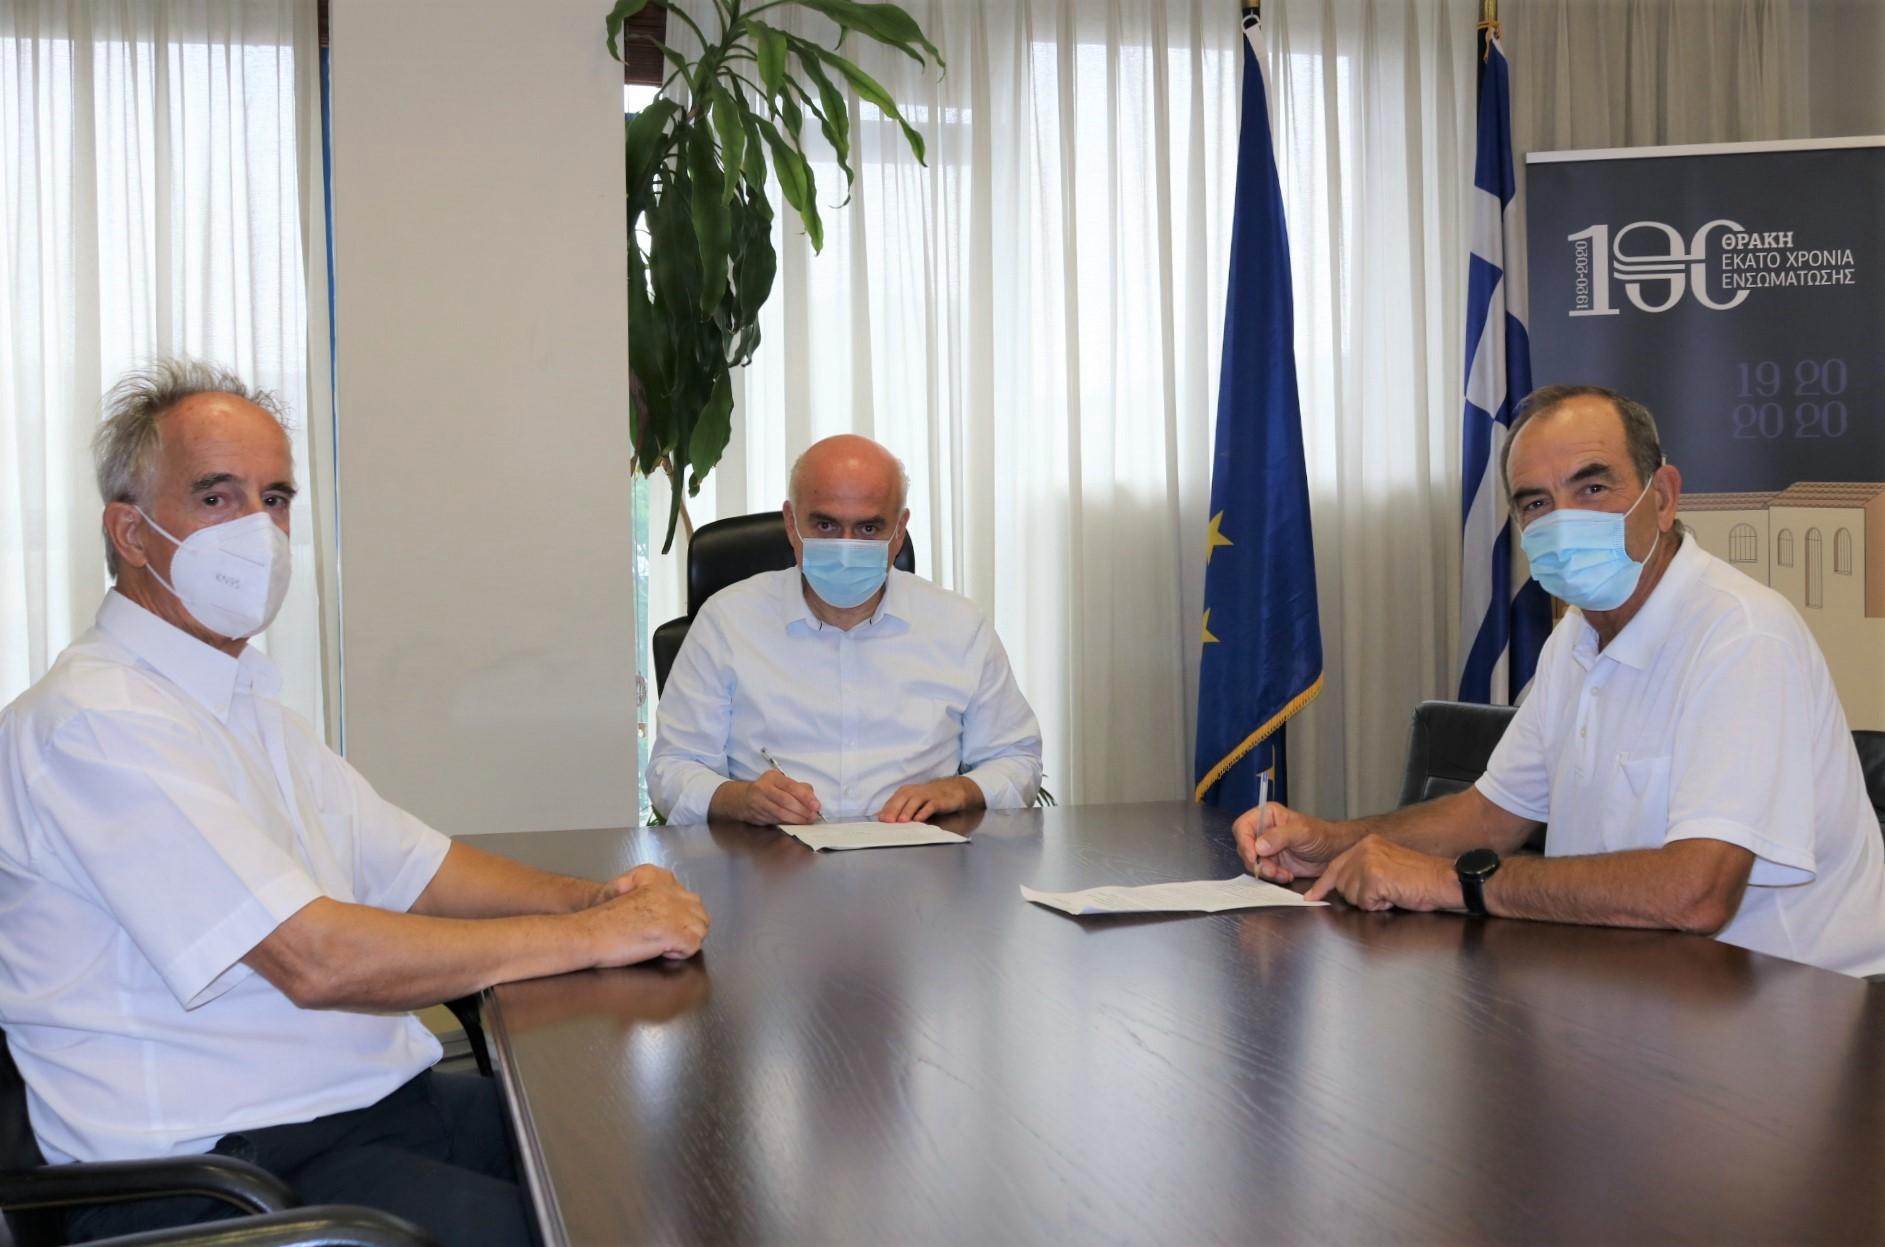 Υπογράφηκε η σύμβαση για την κατασκευή του δρόμου προς τη Μονή Μάξιμου Καυσοκαλυβίτη στο Παπίκιο όρος